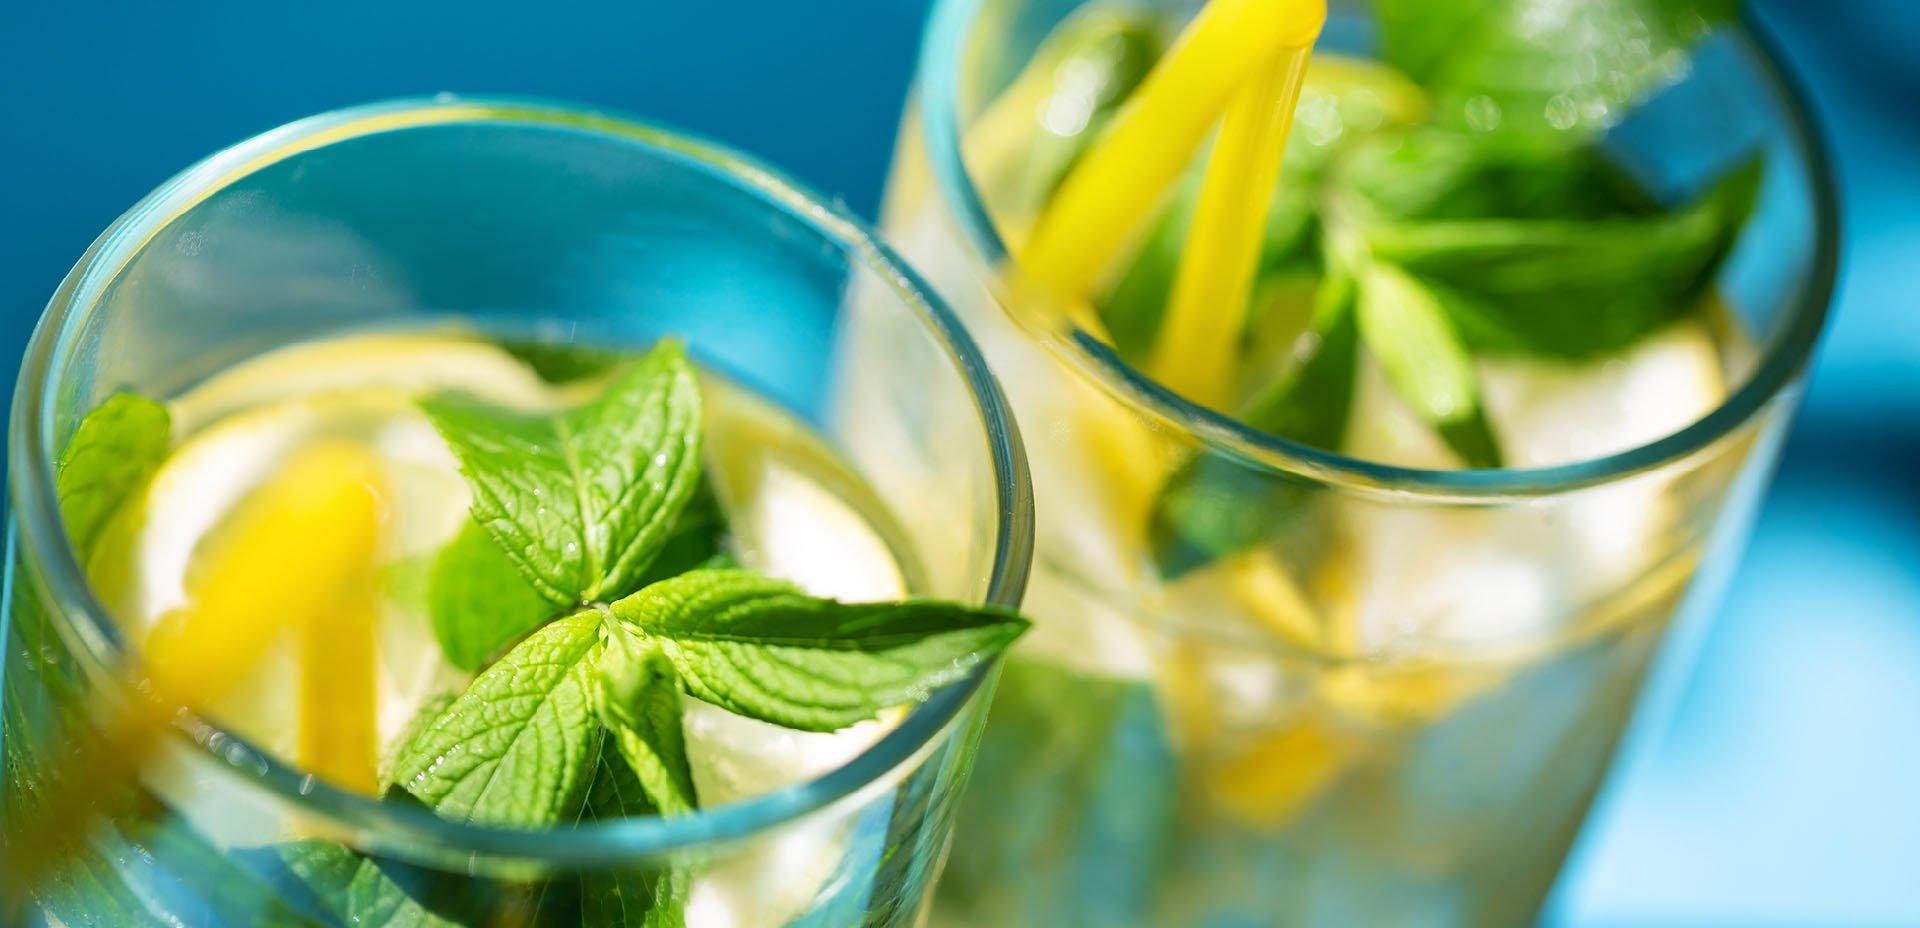 acqua al limone e menta